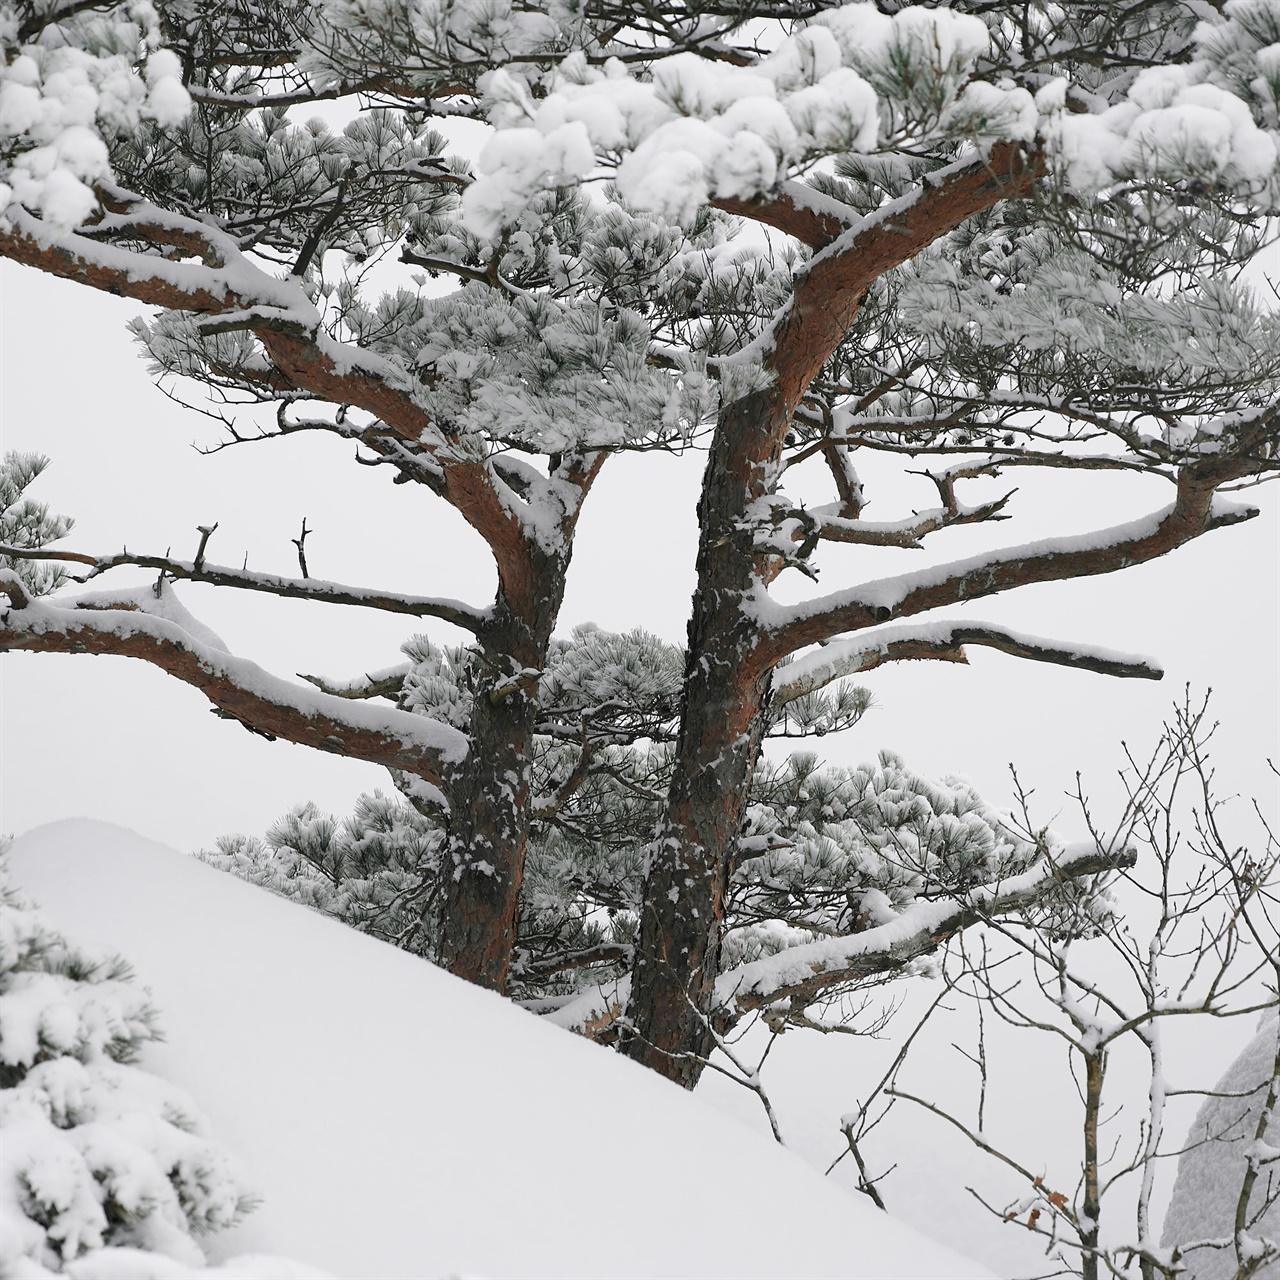 이 쌍둥이 같은 나무들은 종방향 대칭을 이루고 있어, 기하학 수업에서 연구될 법하다. 바람이 그들 각각에게 서로 다른 방향으로 불어온 듯한 모습이다.